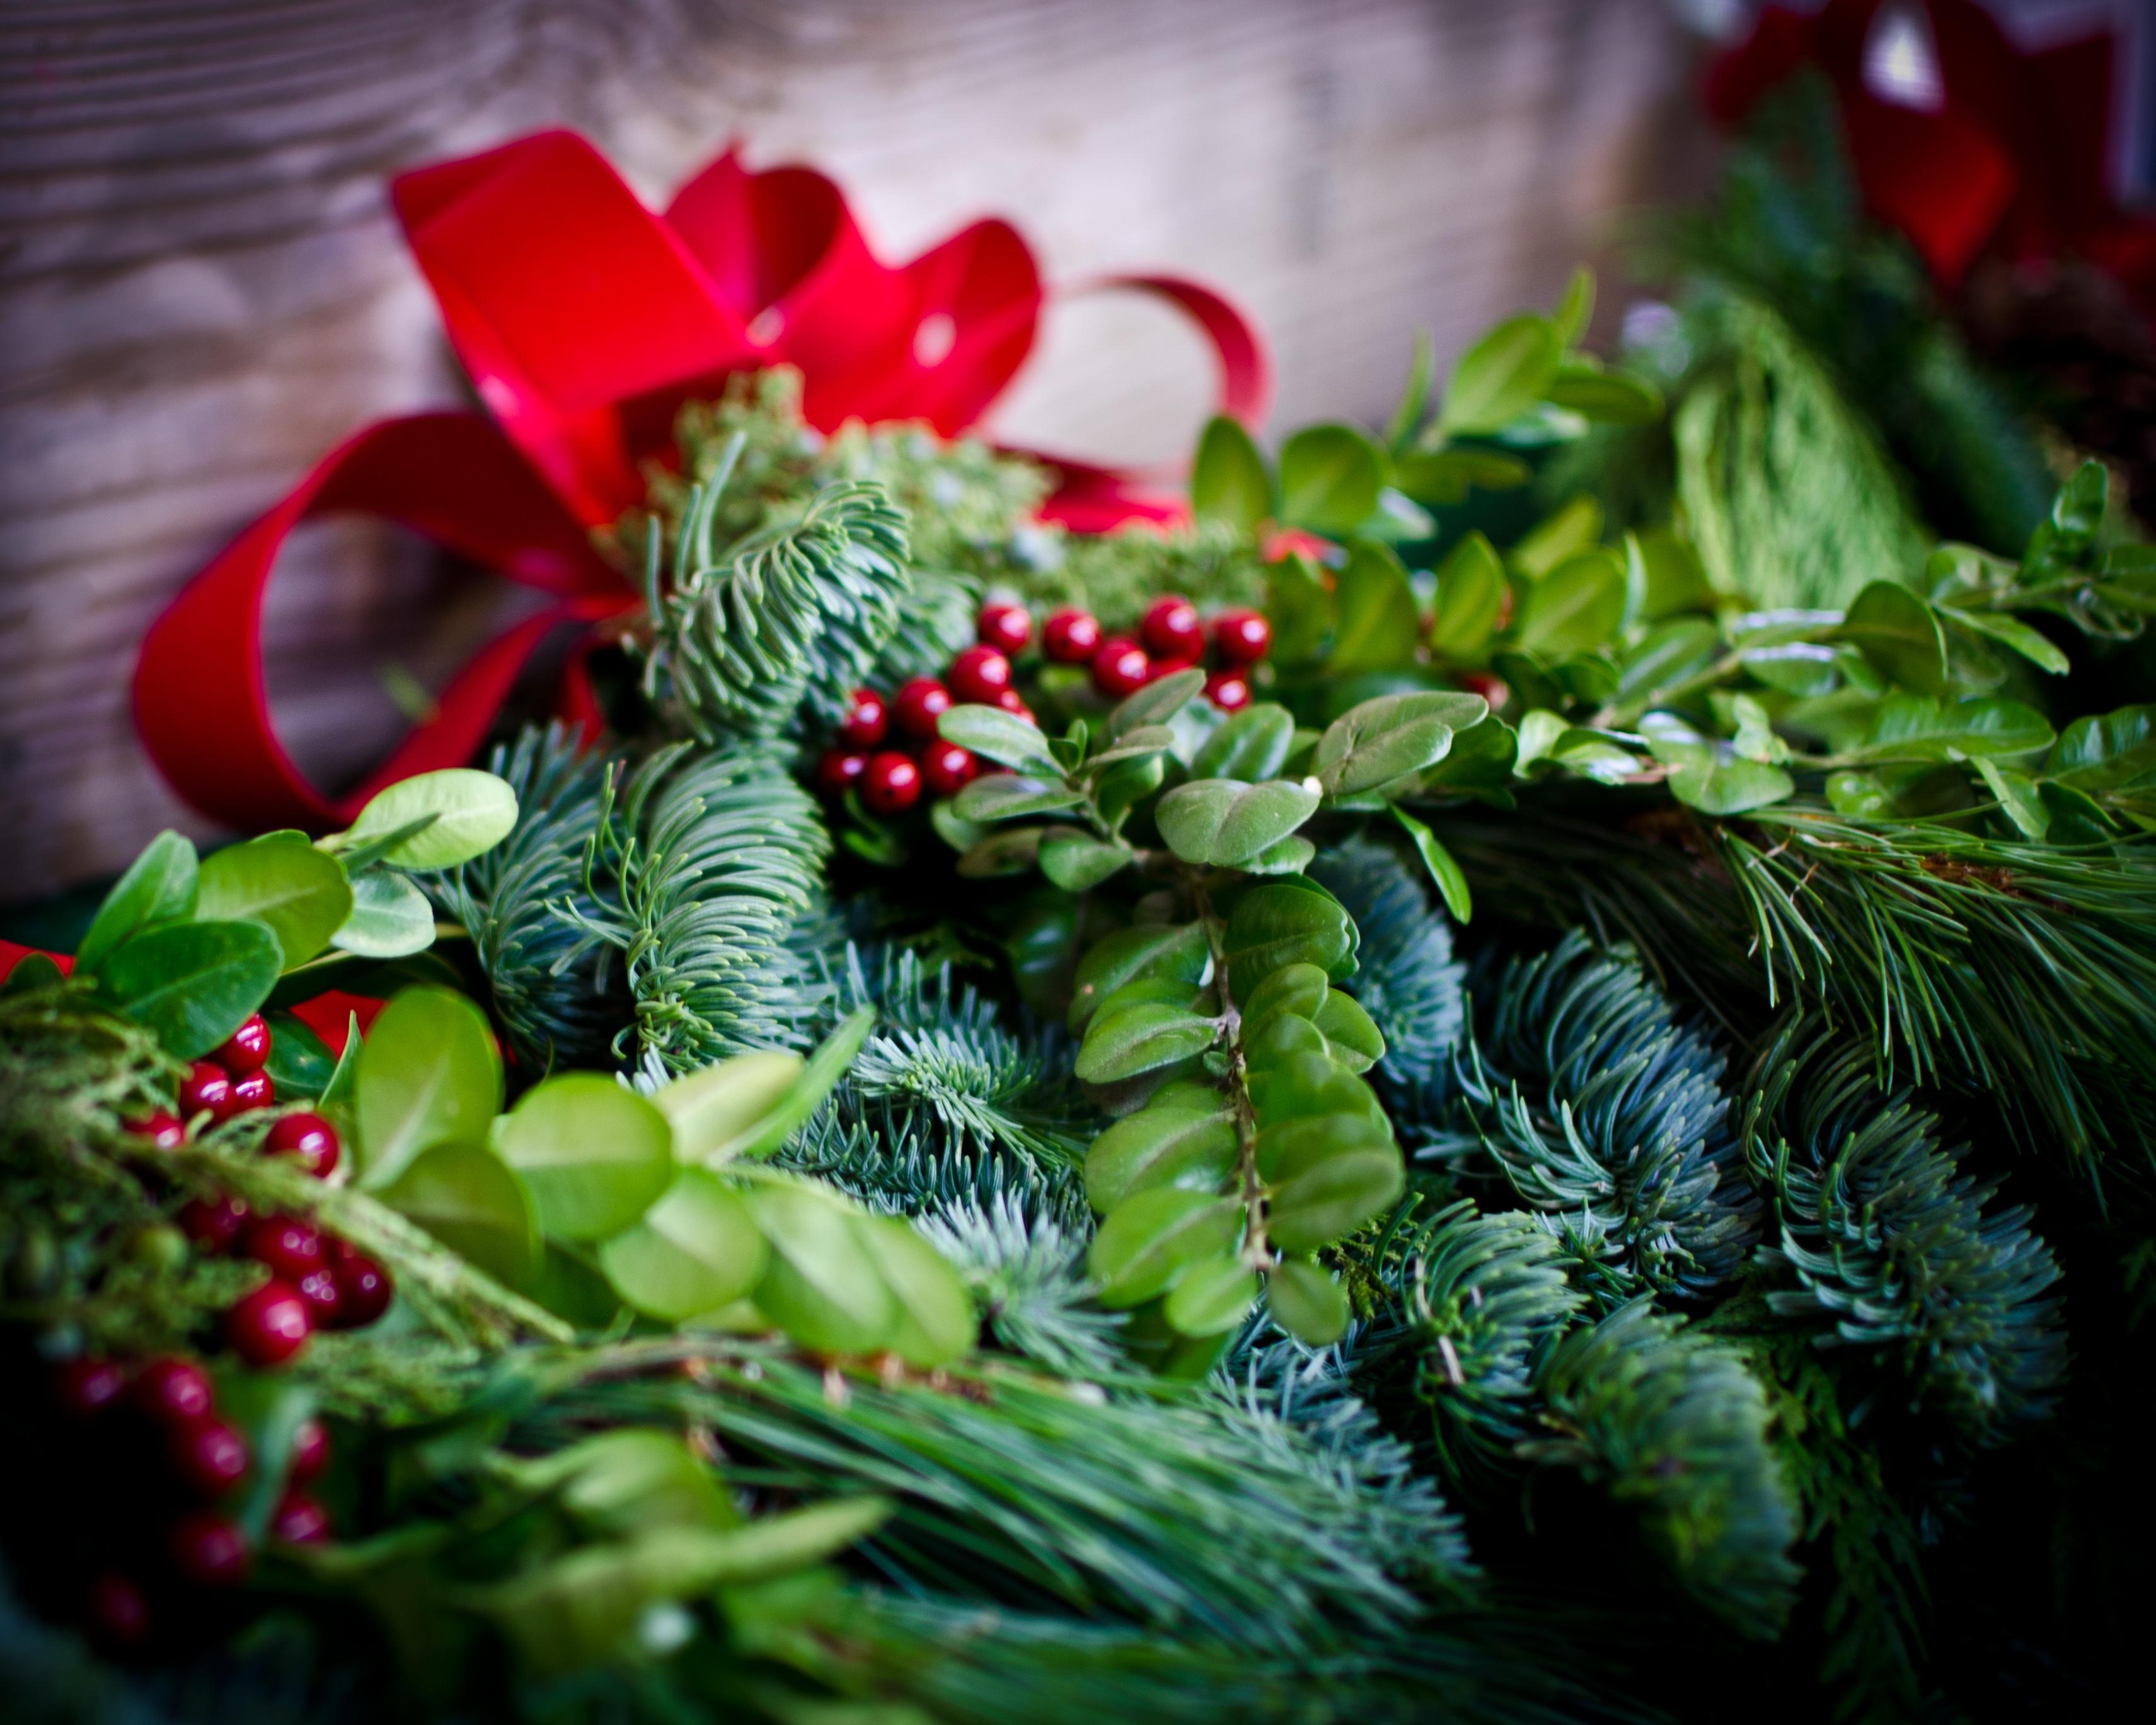 рождество новый год композиция фото стандартных картинок подписями